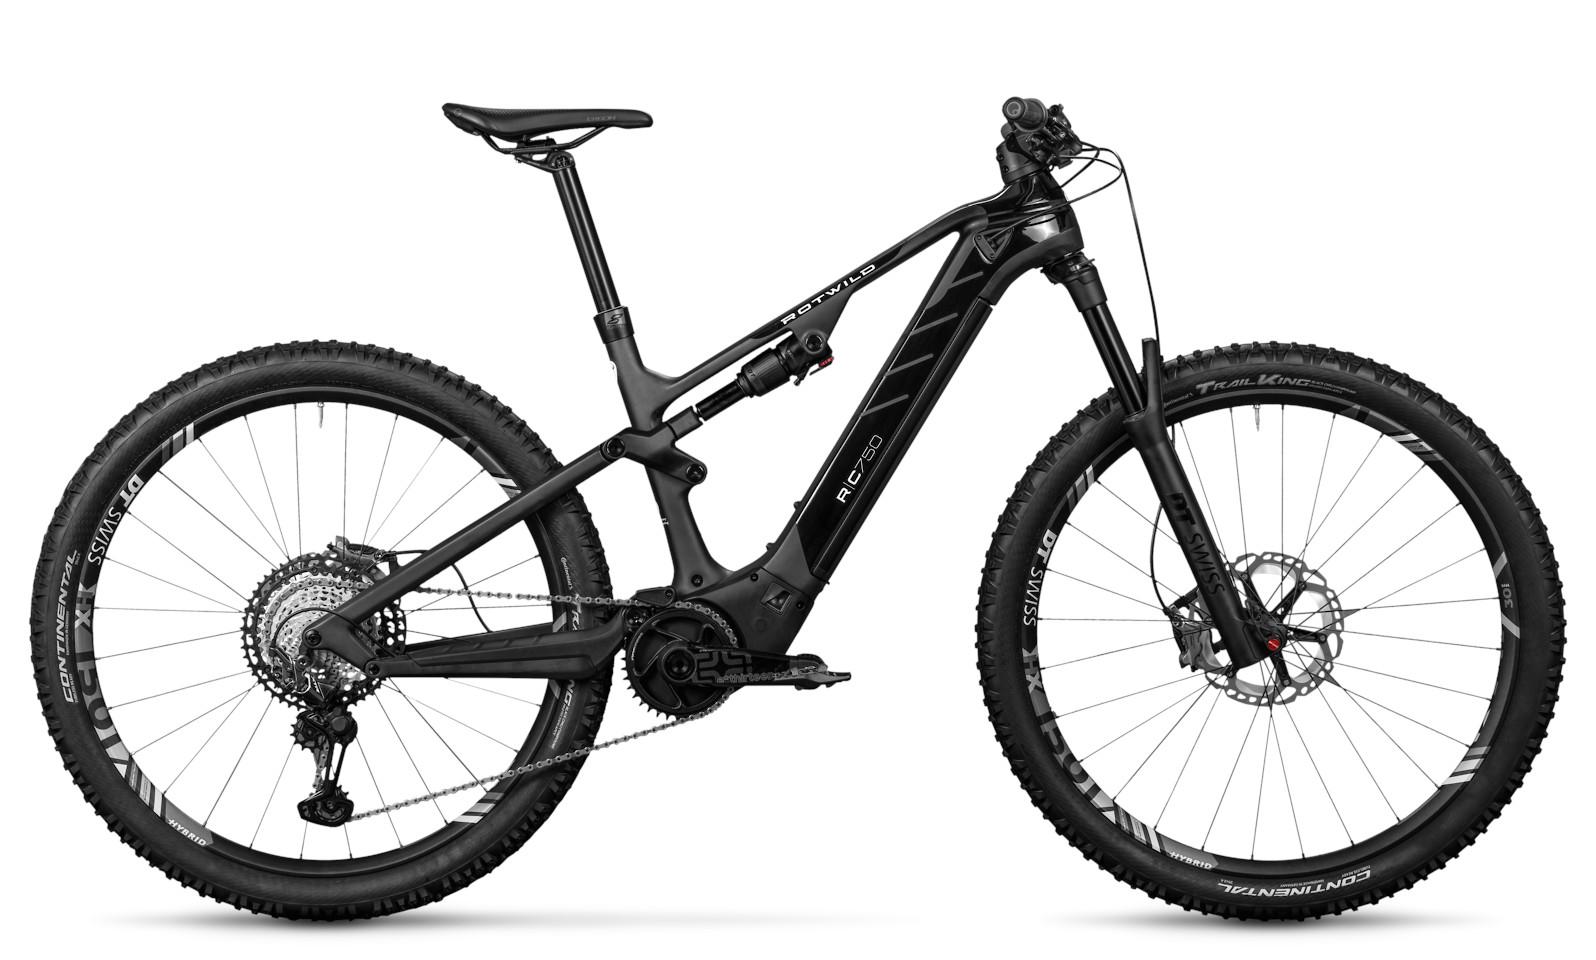 2020 Rotwild R.C750 Ultra